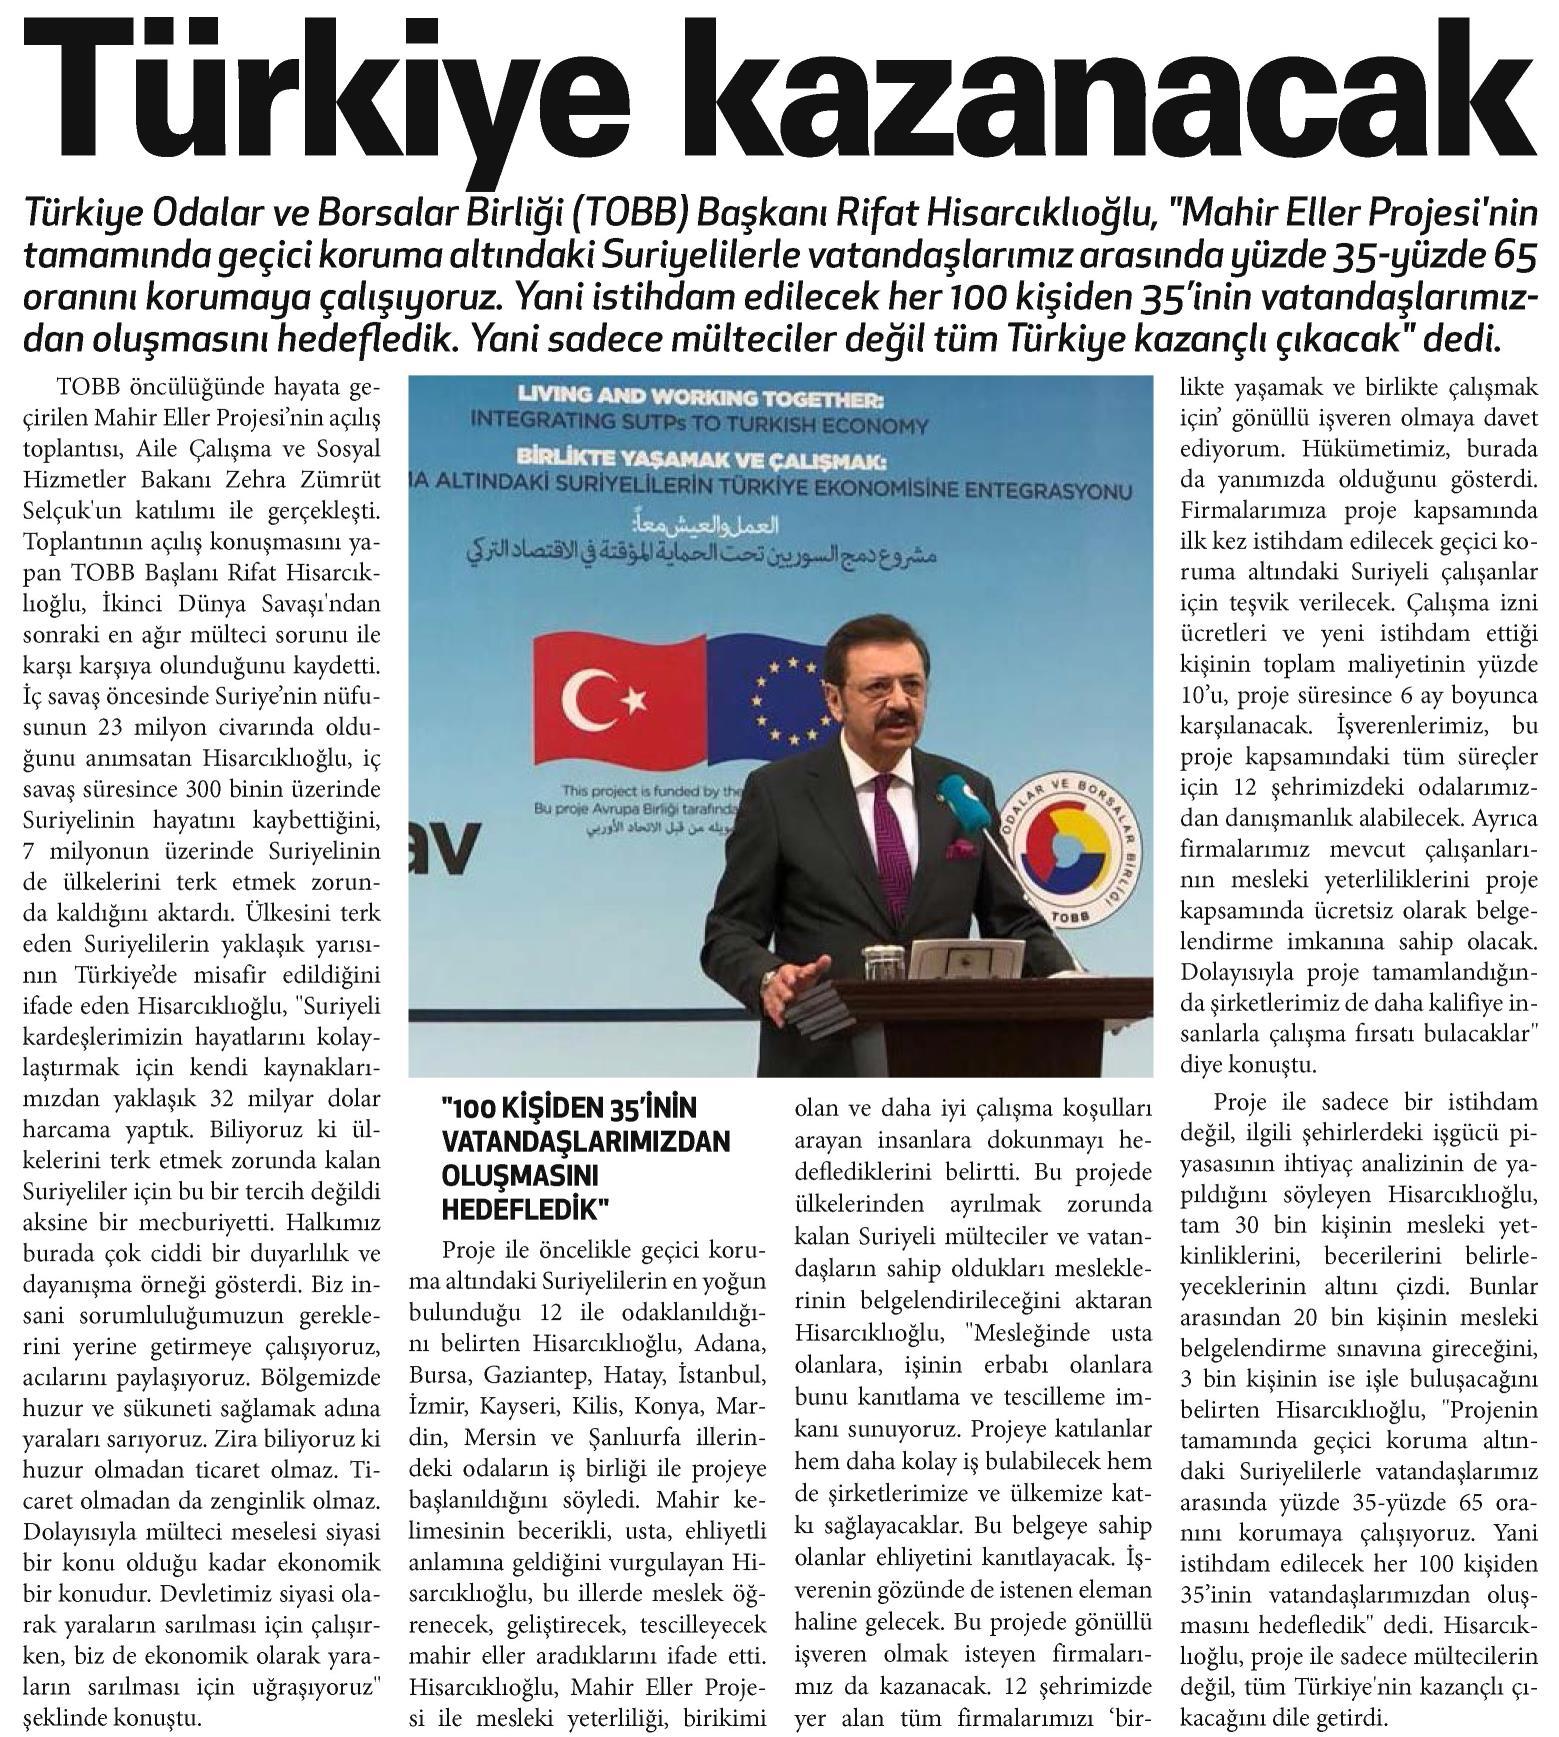 Türkiye kazanacak. Ankara Gazetesi